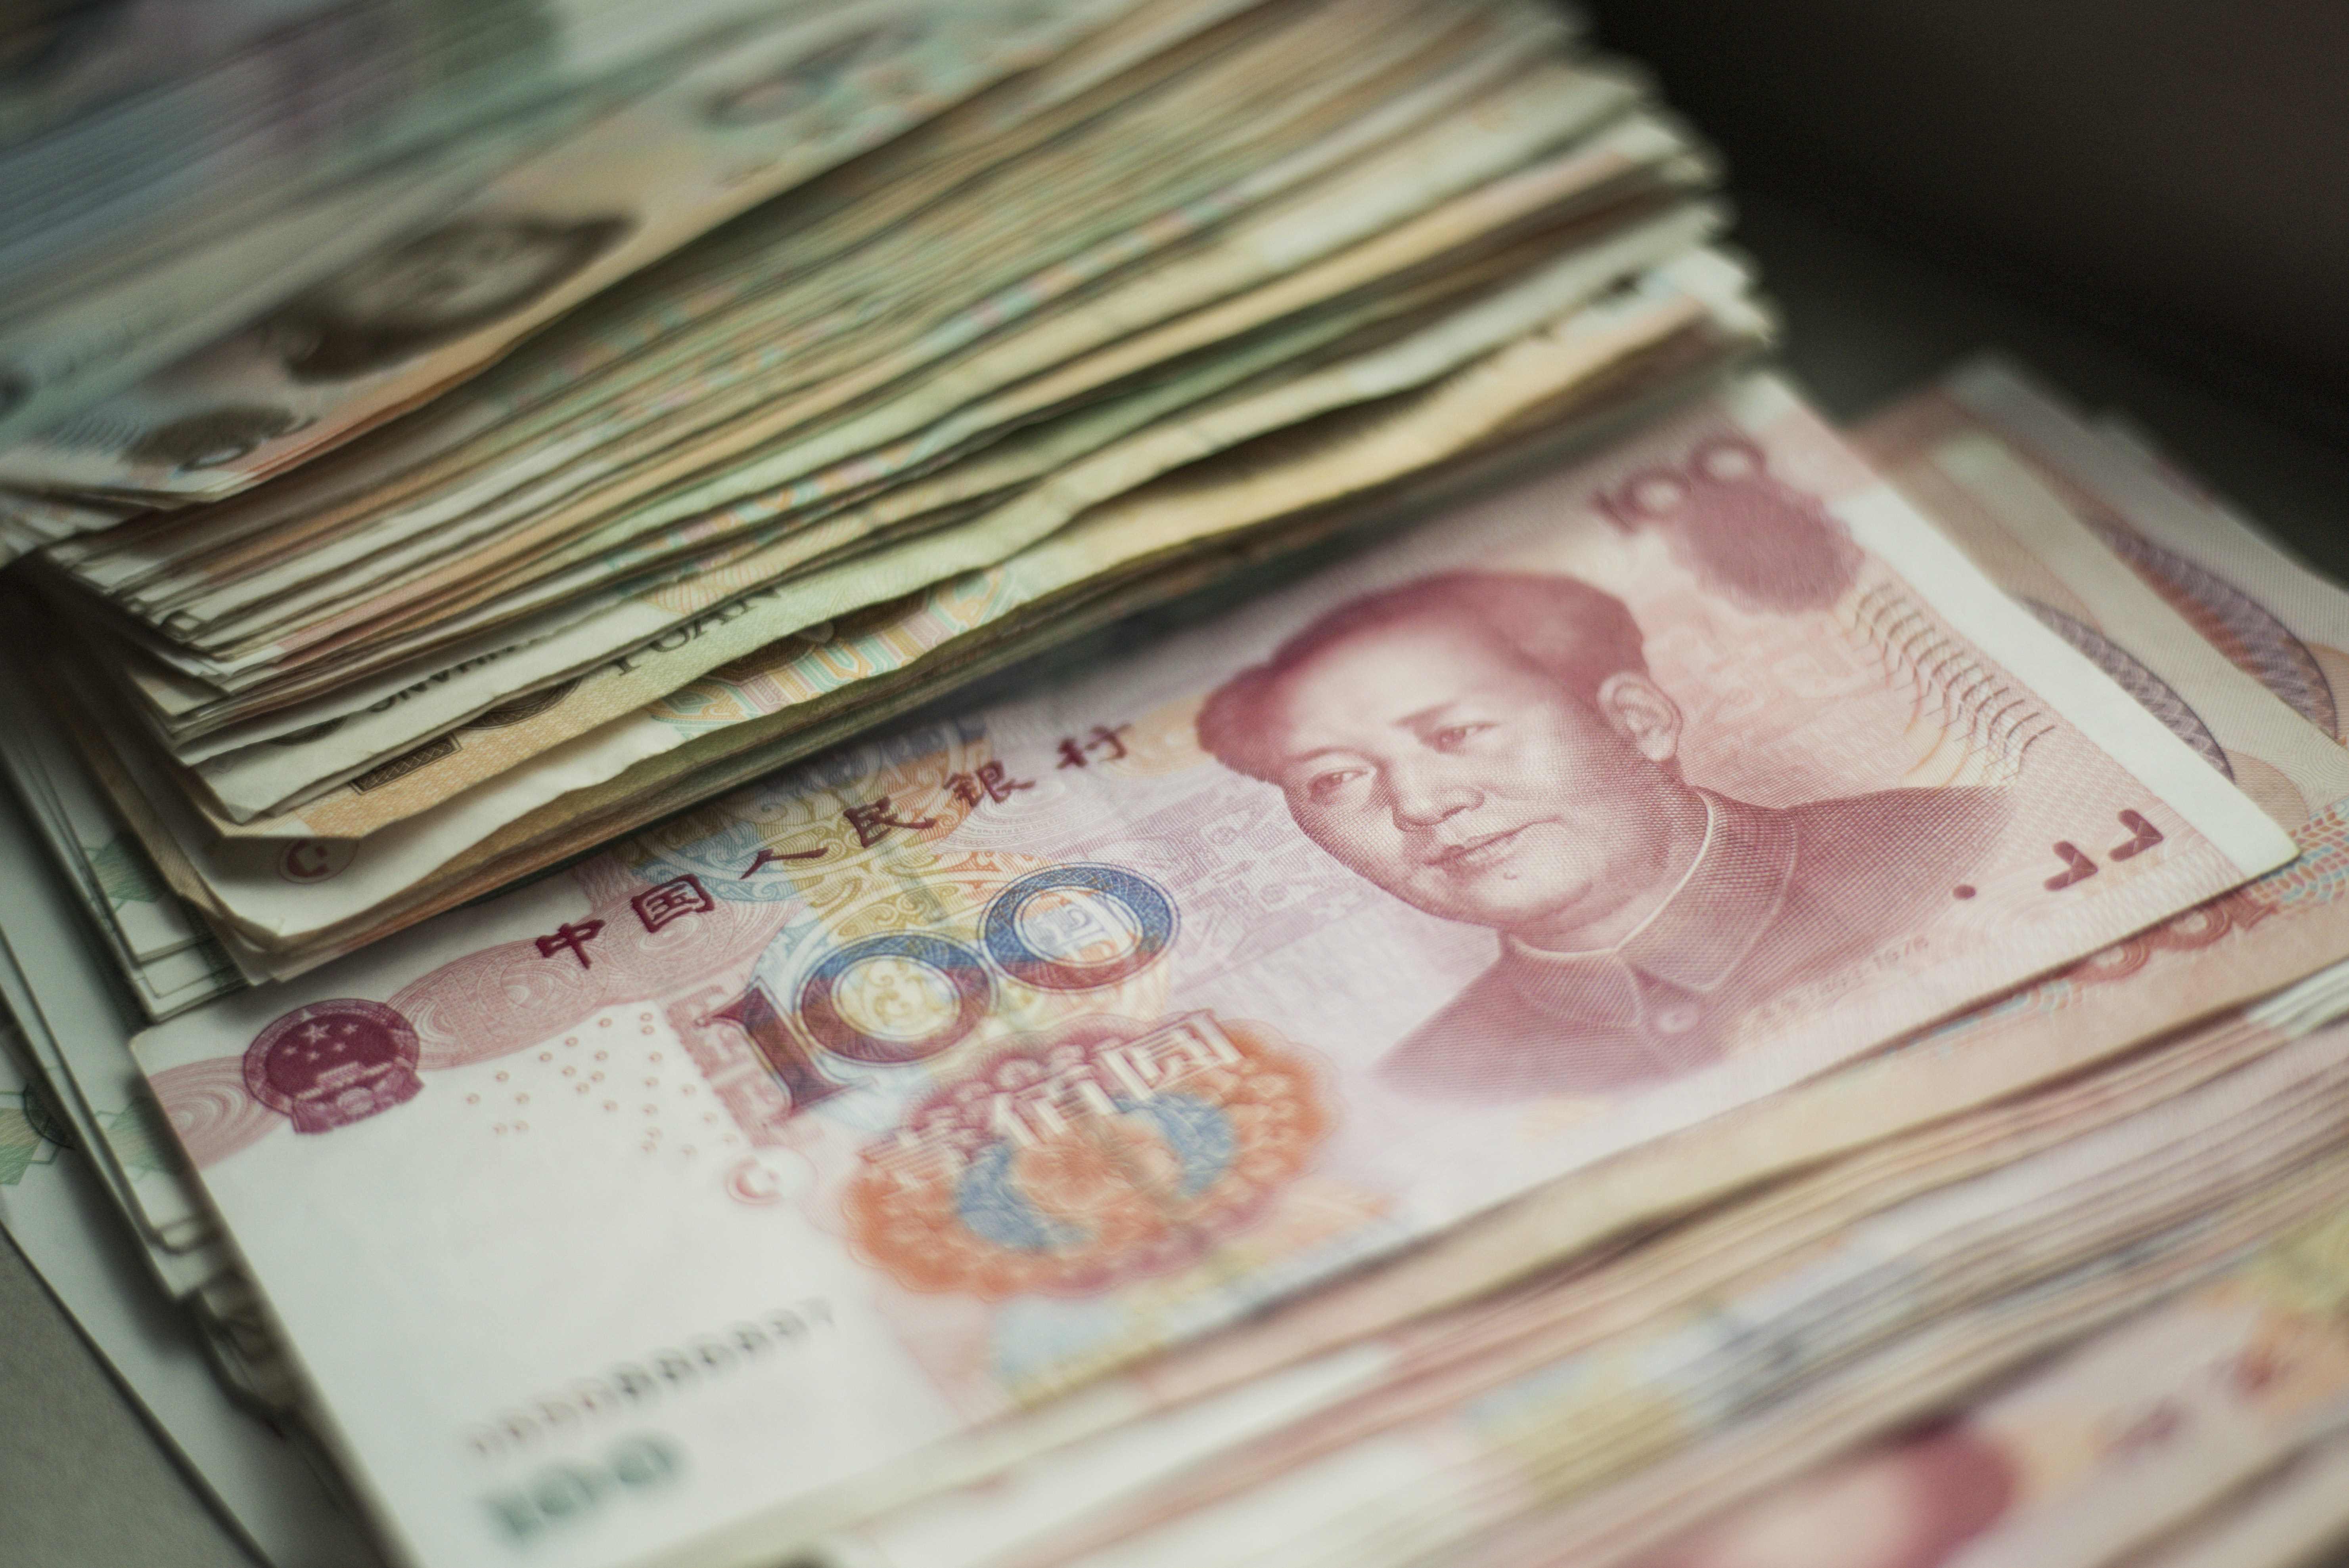 Vagt g 7 lofte om att lyfta dollarn